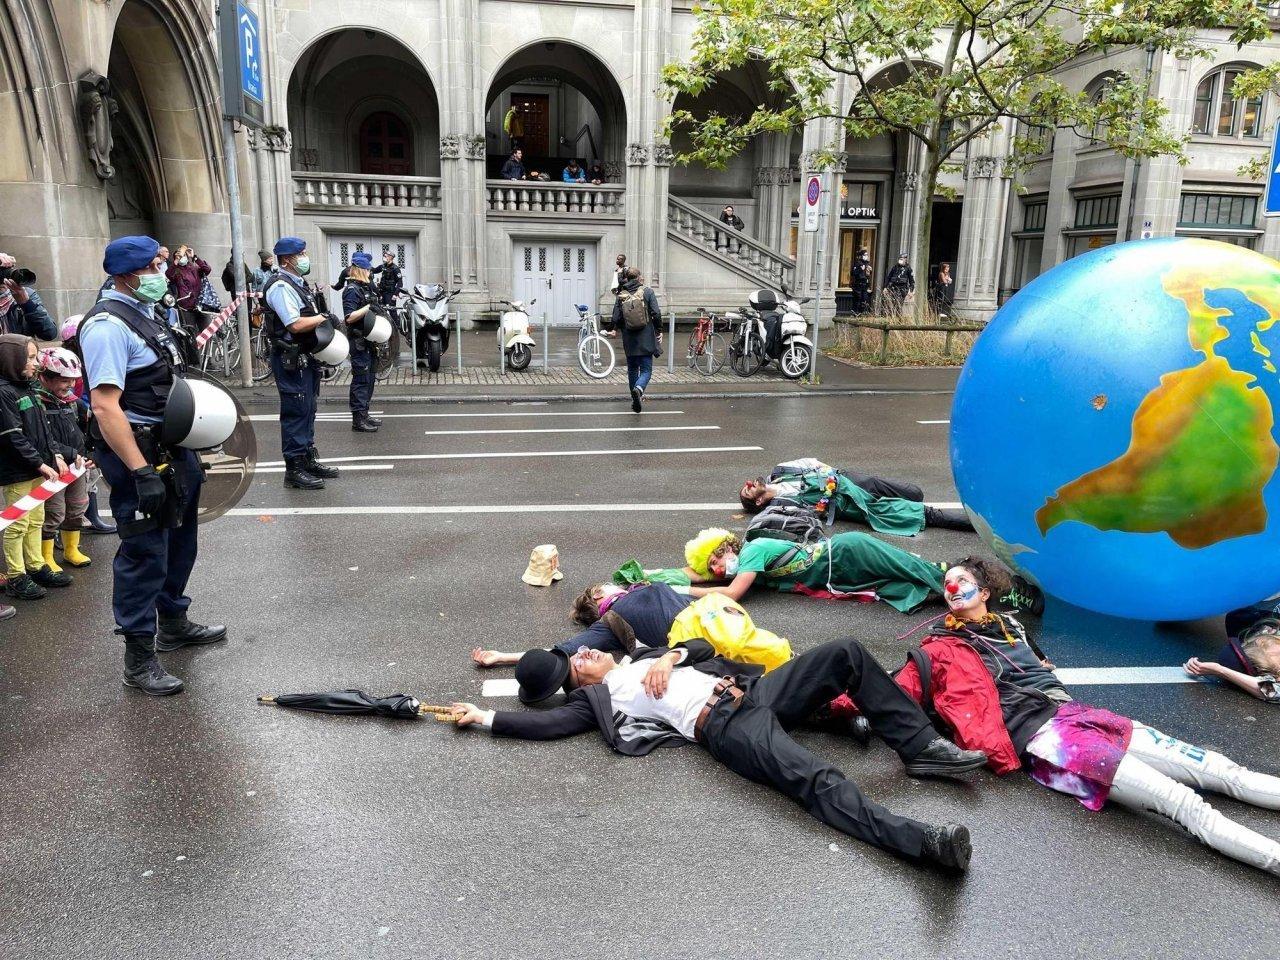 traffico-zurighese-bloccato-dagli-attivisti-per-il-clima